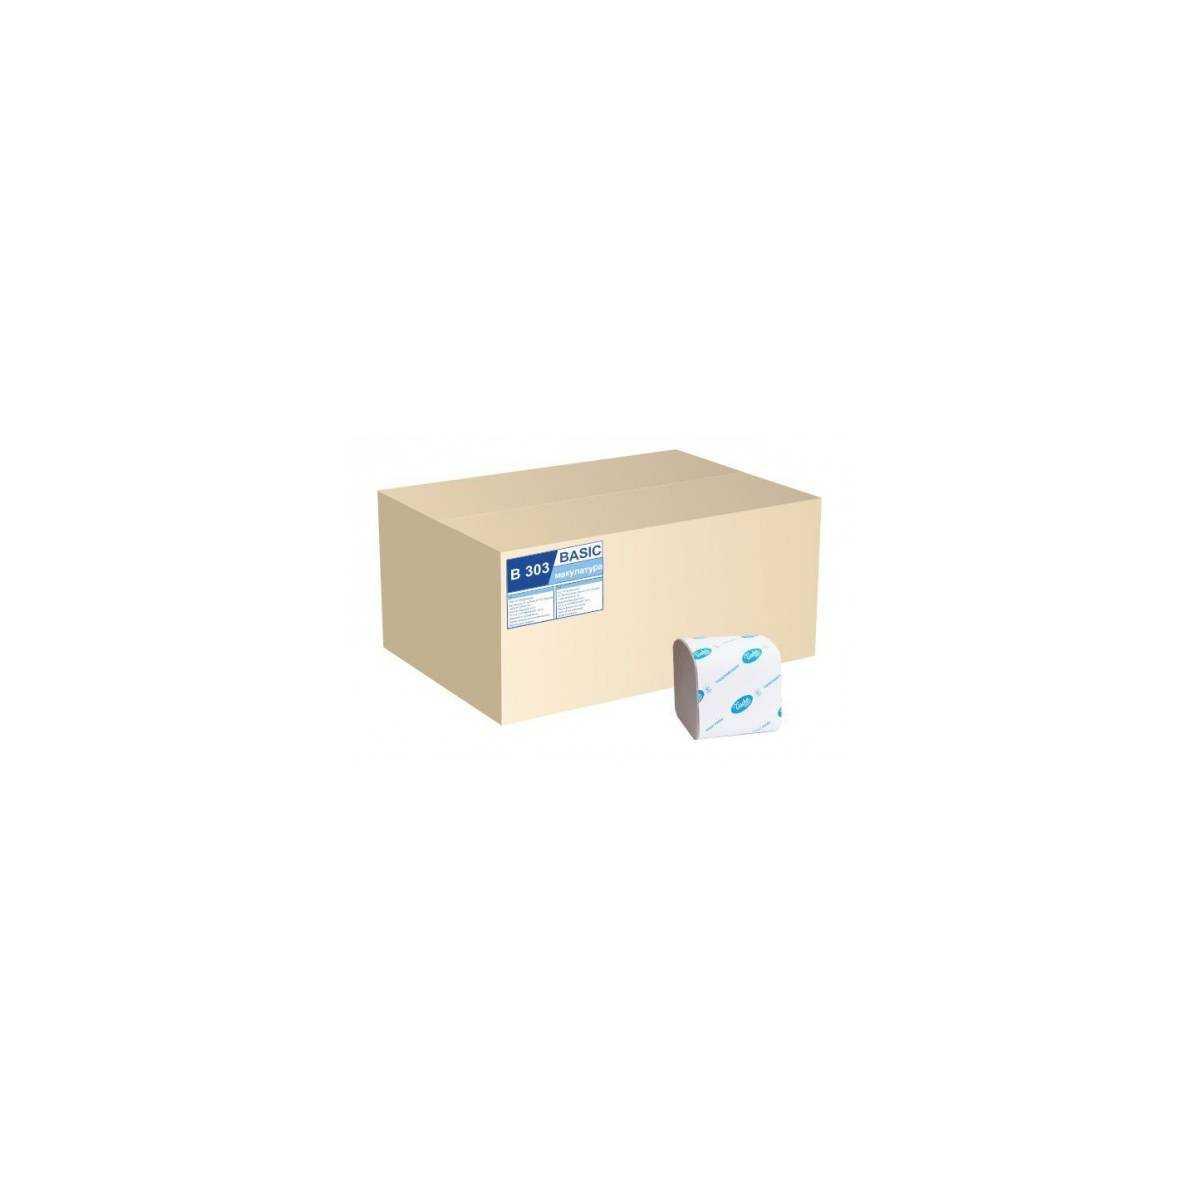 Туалетная бумага в пачке BASIC (B303) B303 Tischa Papier